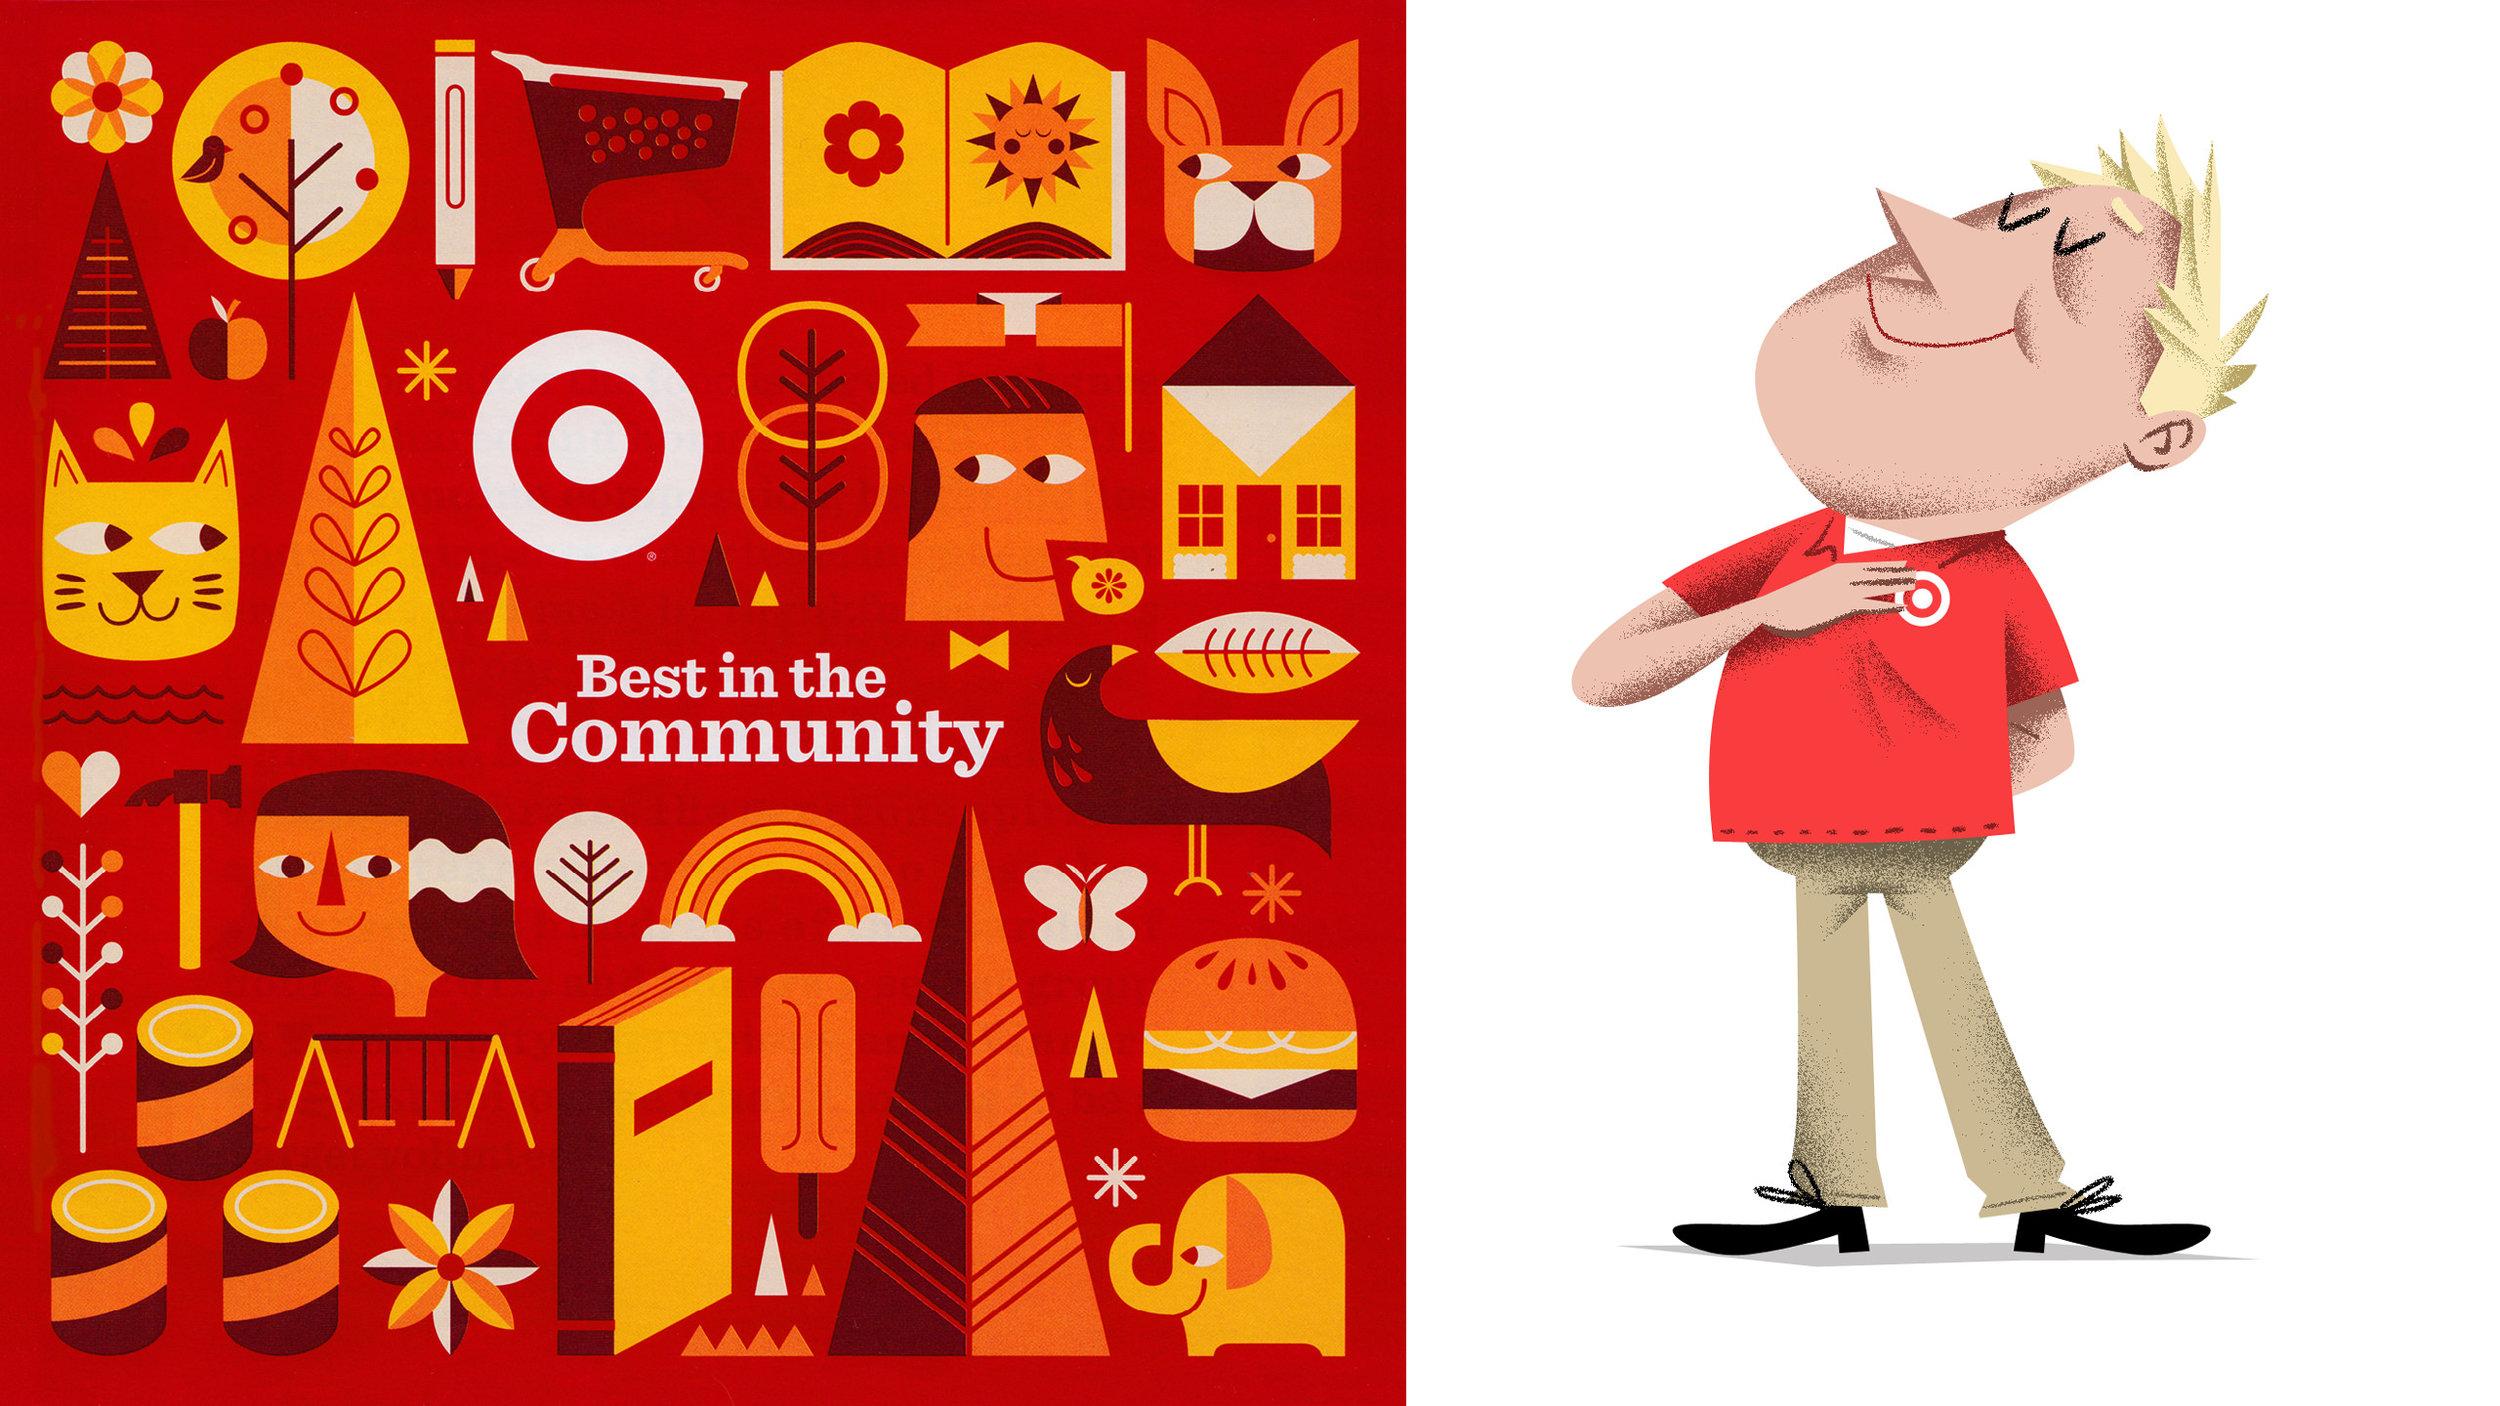 Target RED Illustration